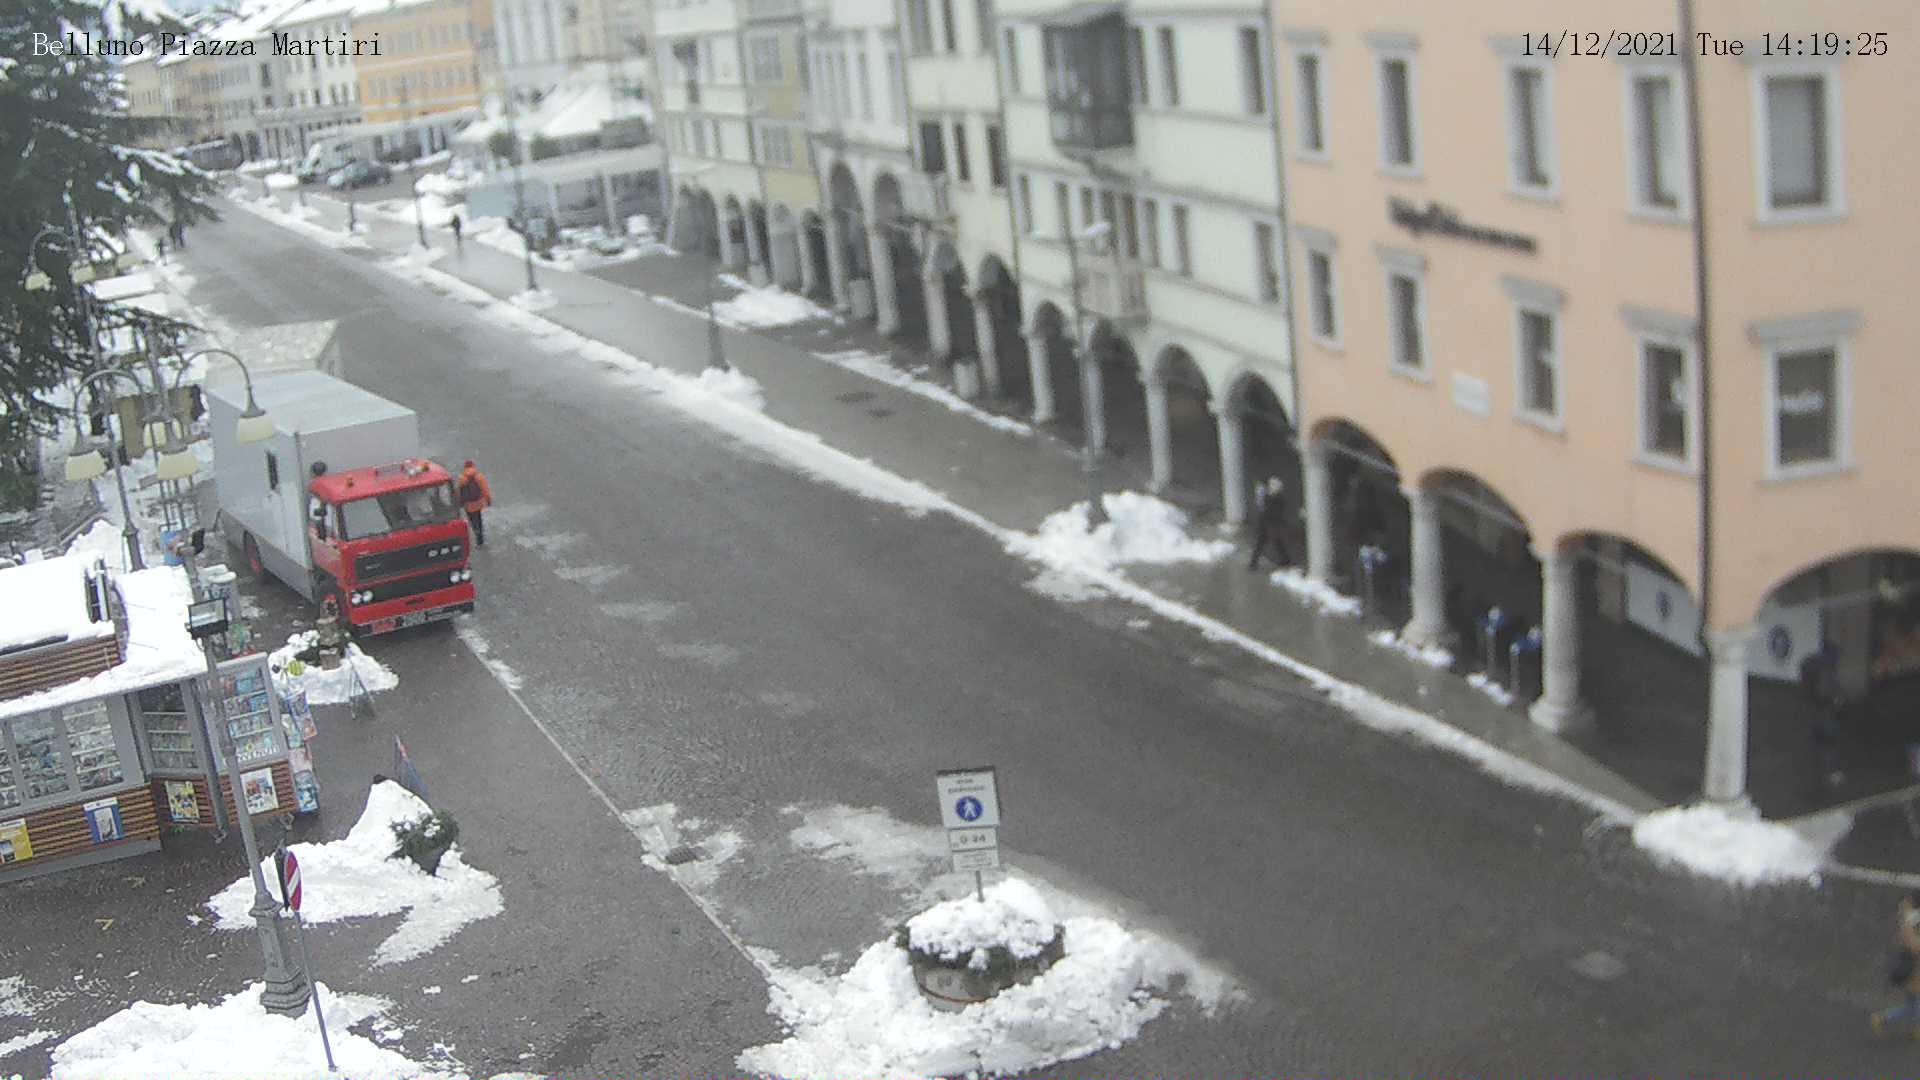 Belluno - Piazza dei Martiri